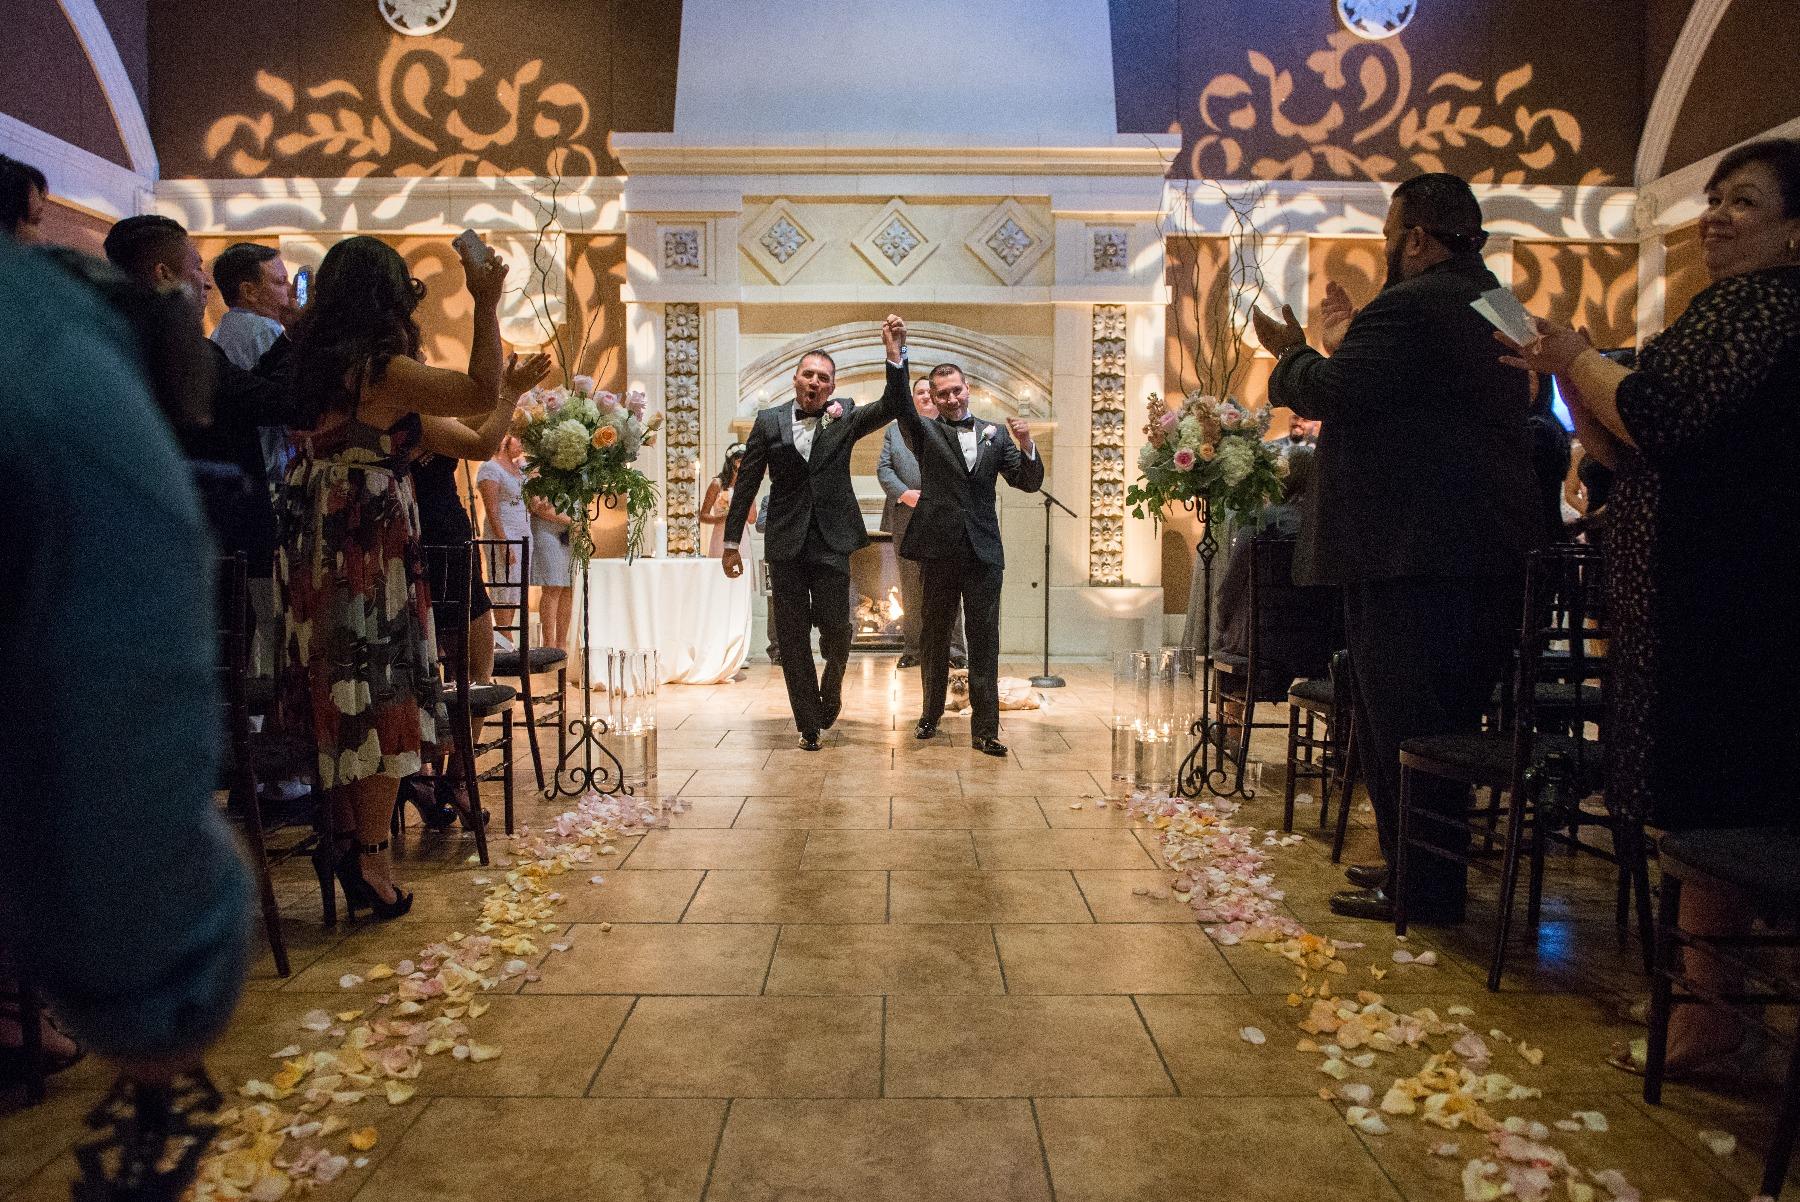 hugo and jimmy wedding 2014-10-05 28